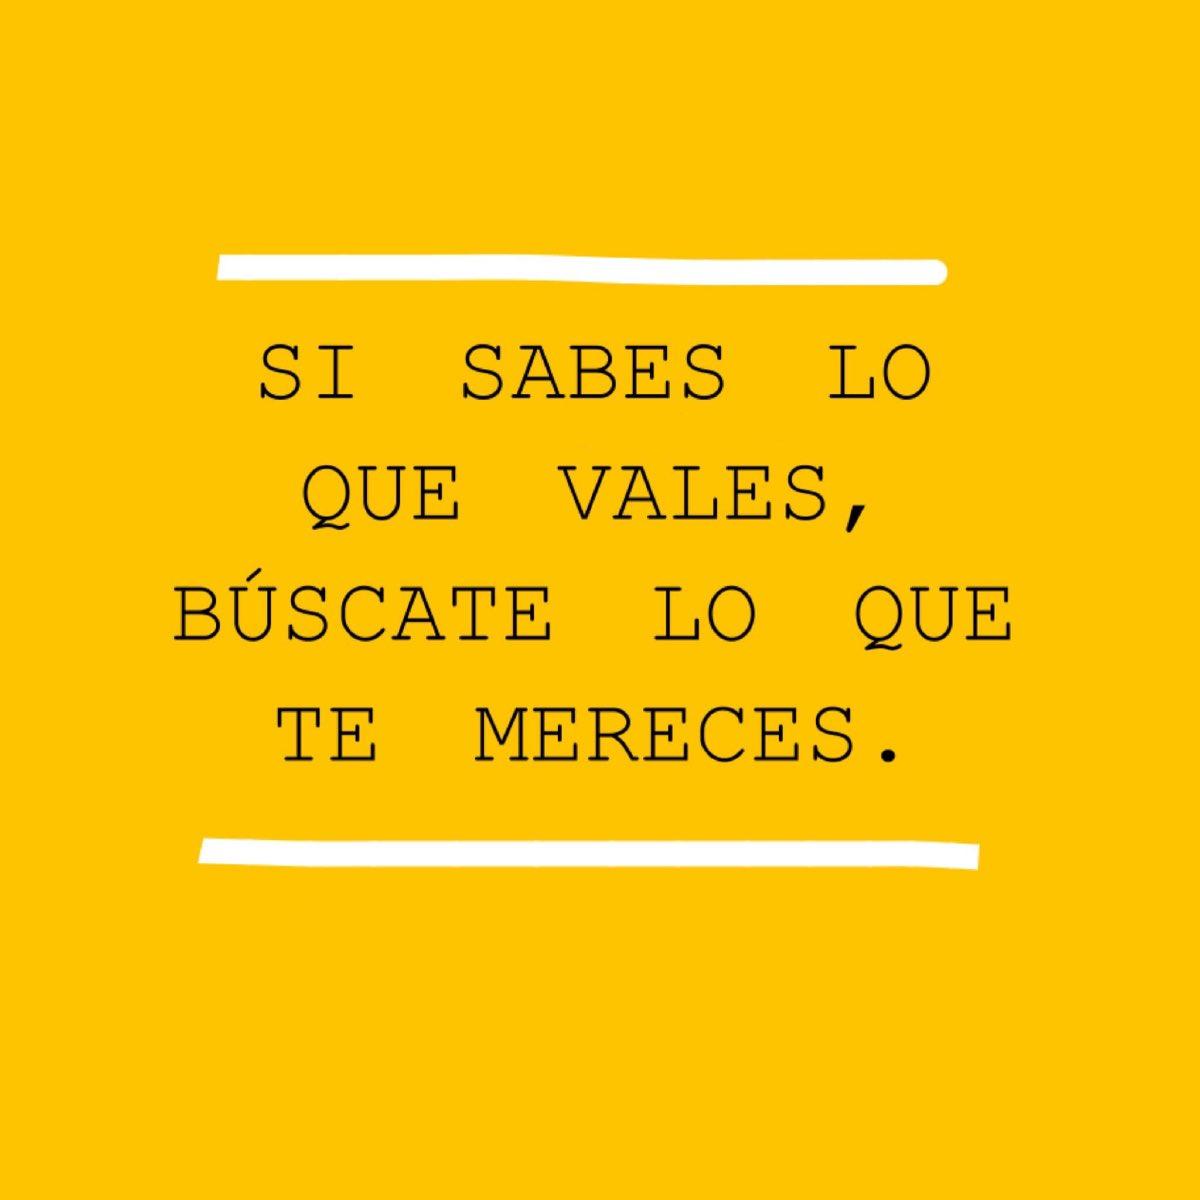 Páginas amarilla #contaldevertevolar #diferente #clubdeletras #cafeyletras #laescrituraescultura #cafeyletras #laescrituraescultura #literatura #escritosdeamor #escritoresylibros #ahoraqueyabailas #besarte #art #palabras #letras #amar #poemas #poesia #momentosfugaces #tequieropic.twitter.com/CU7hy6LqRw